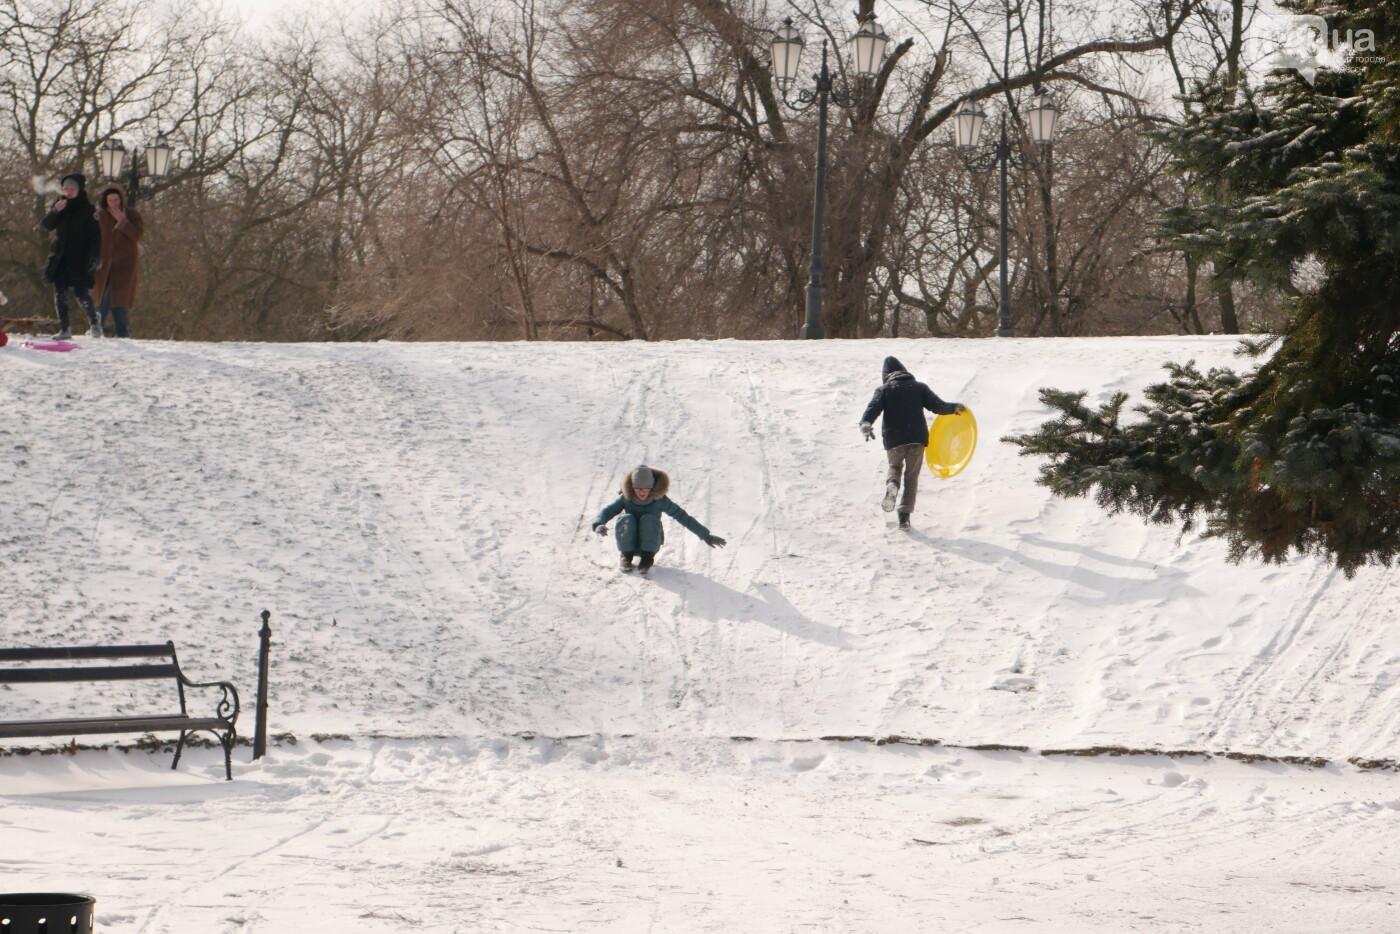 Фотопятница в Одессе: зимнее веселье в парке Шевченко, - ФОТОРЕПОРТАЖ, фото-17